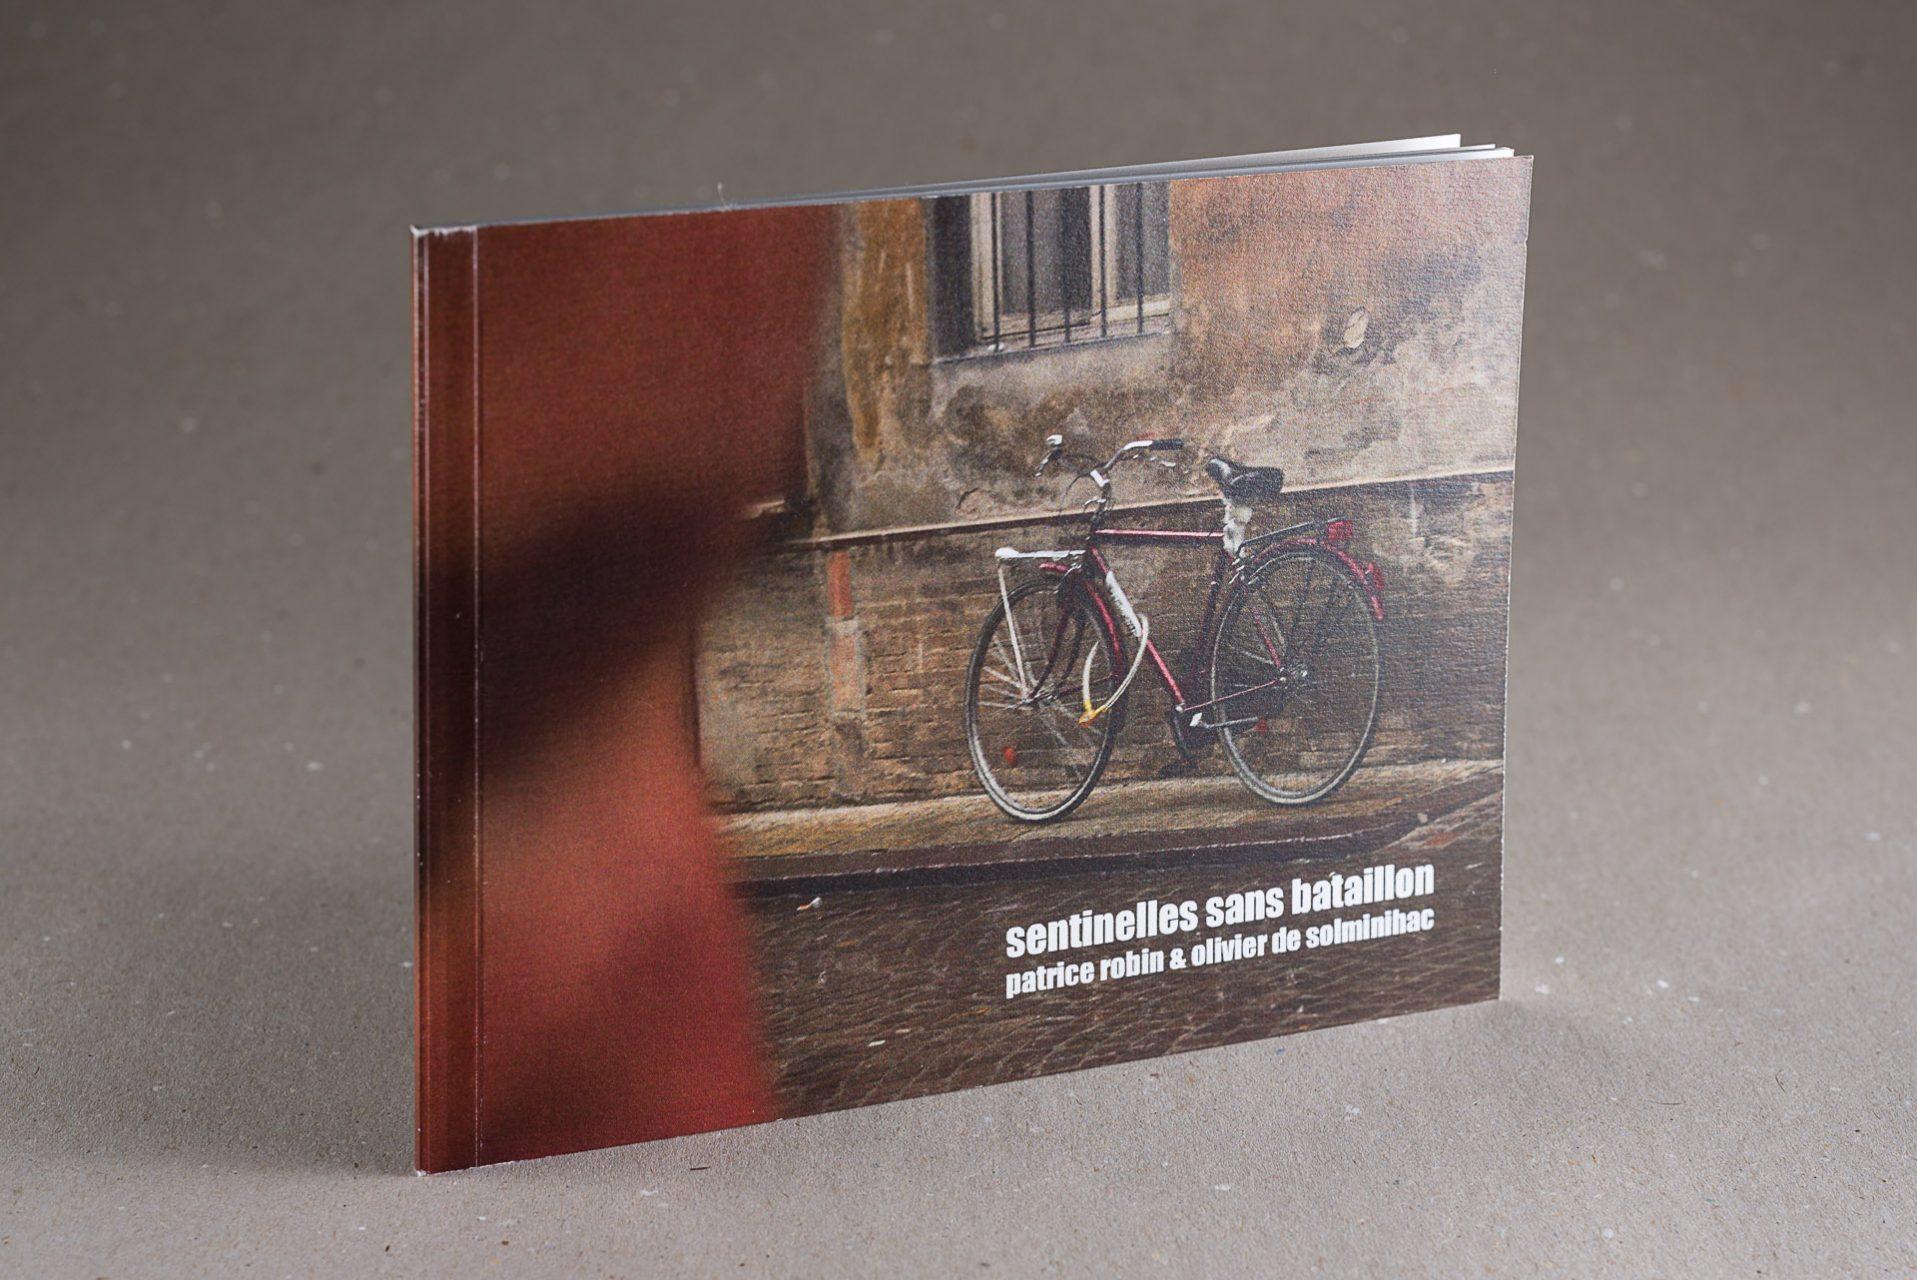 web-hd-nuit-myrtide-livre-sentinnelles-sans-bataillon-robin-solminihac-01